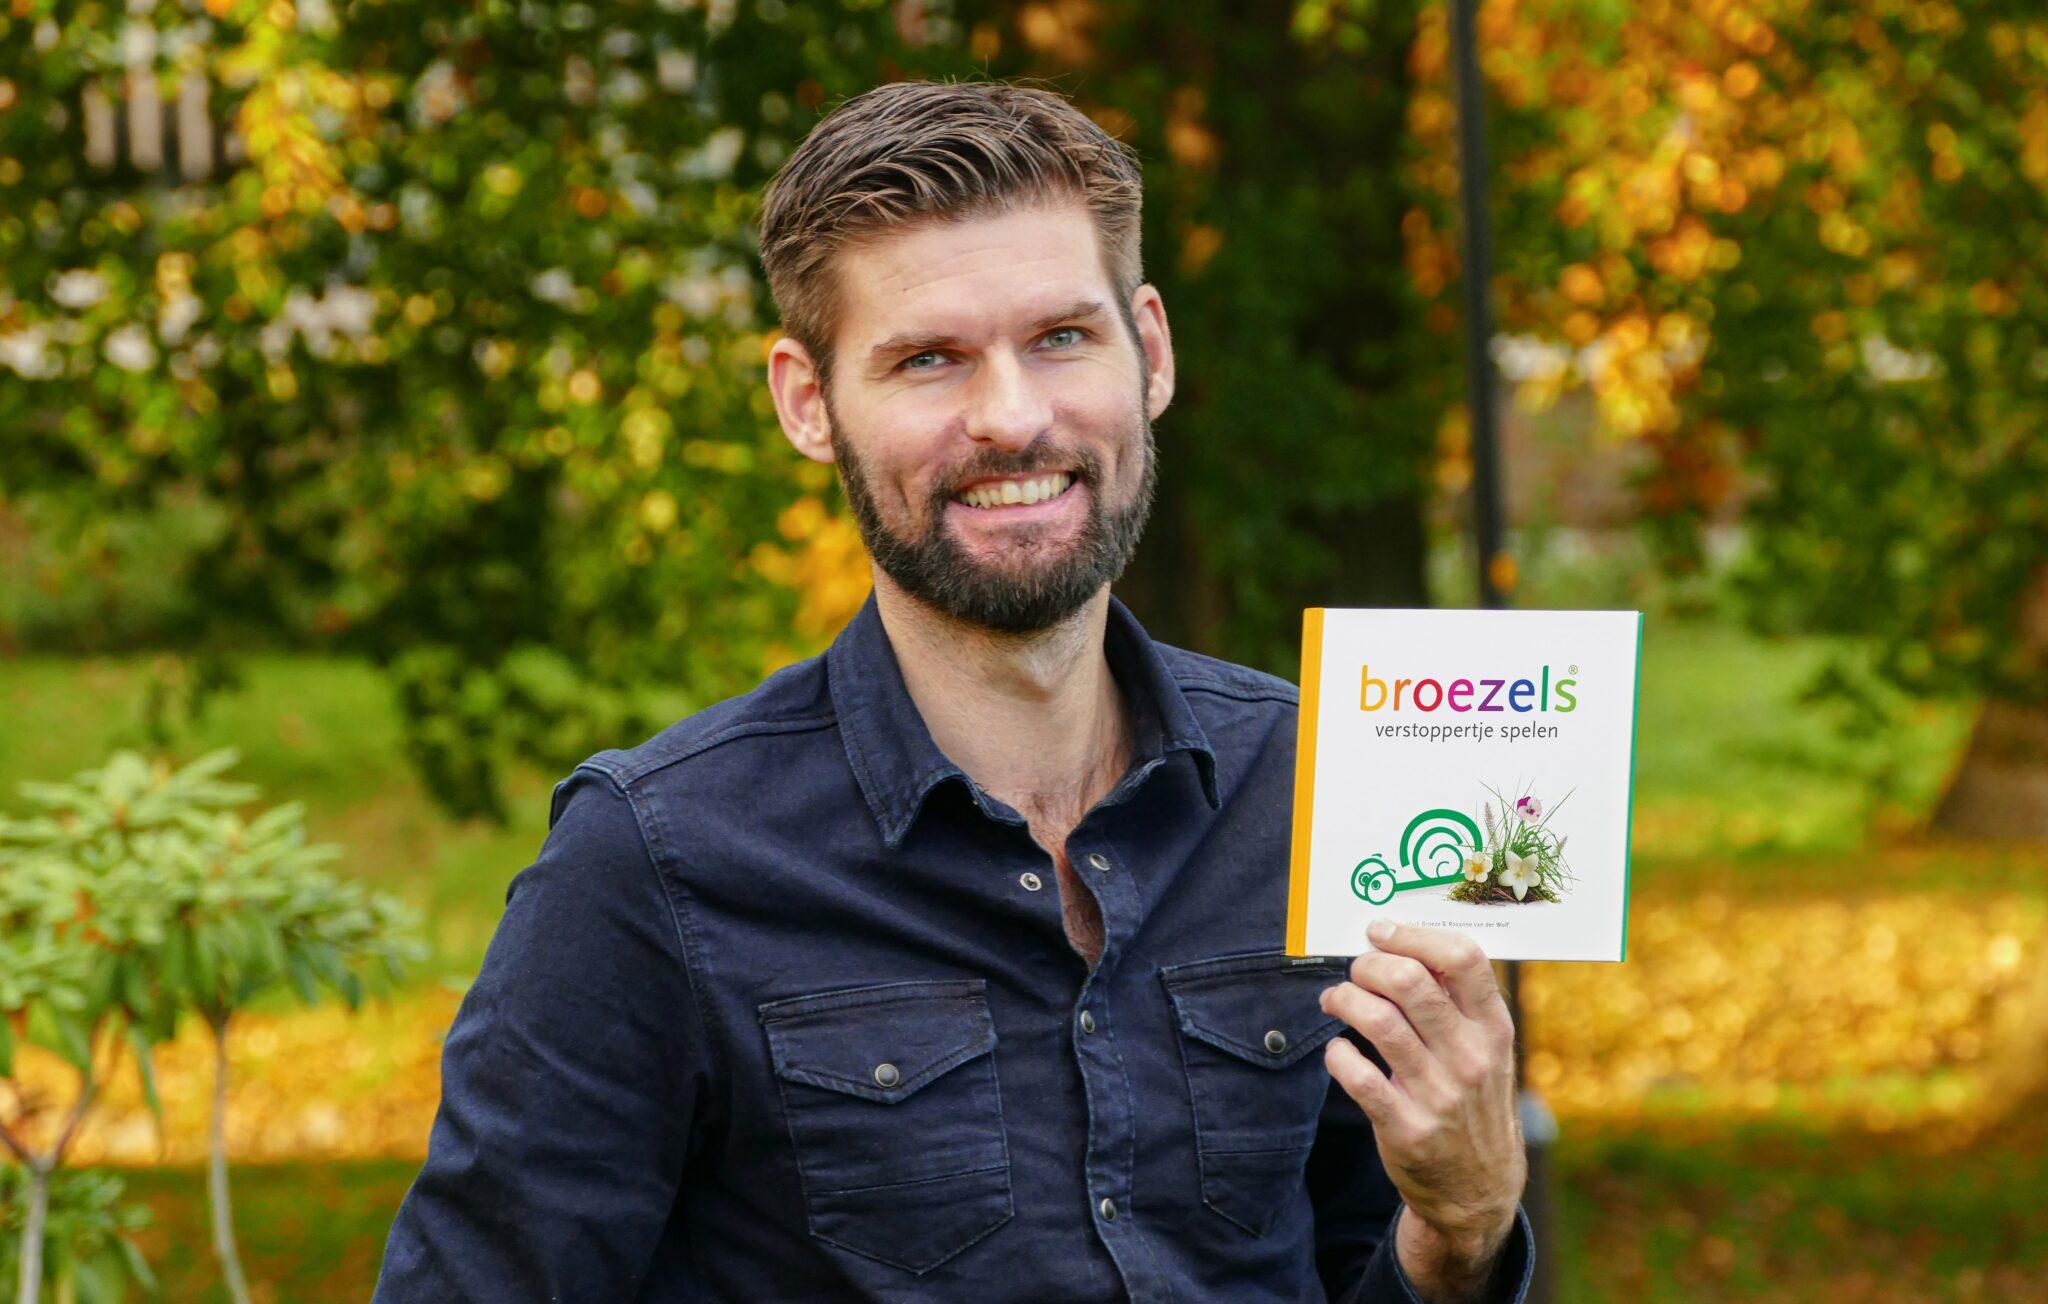 Mark Broeze Broezels kinderboek harderwijk schrijver harderwijkse